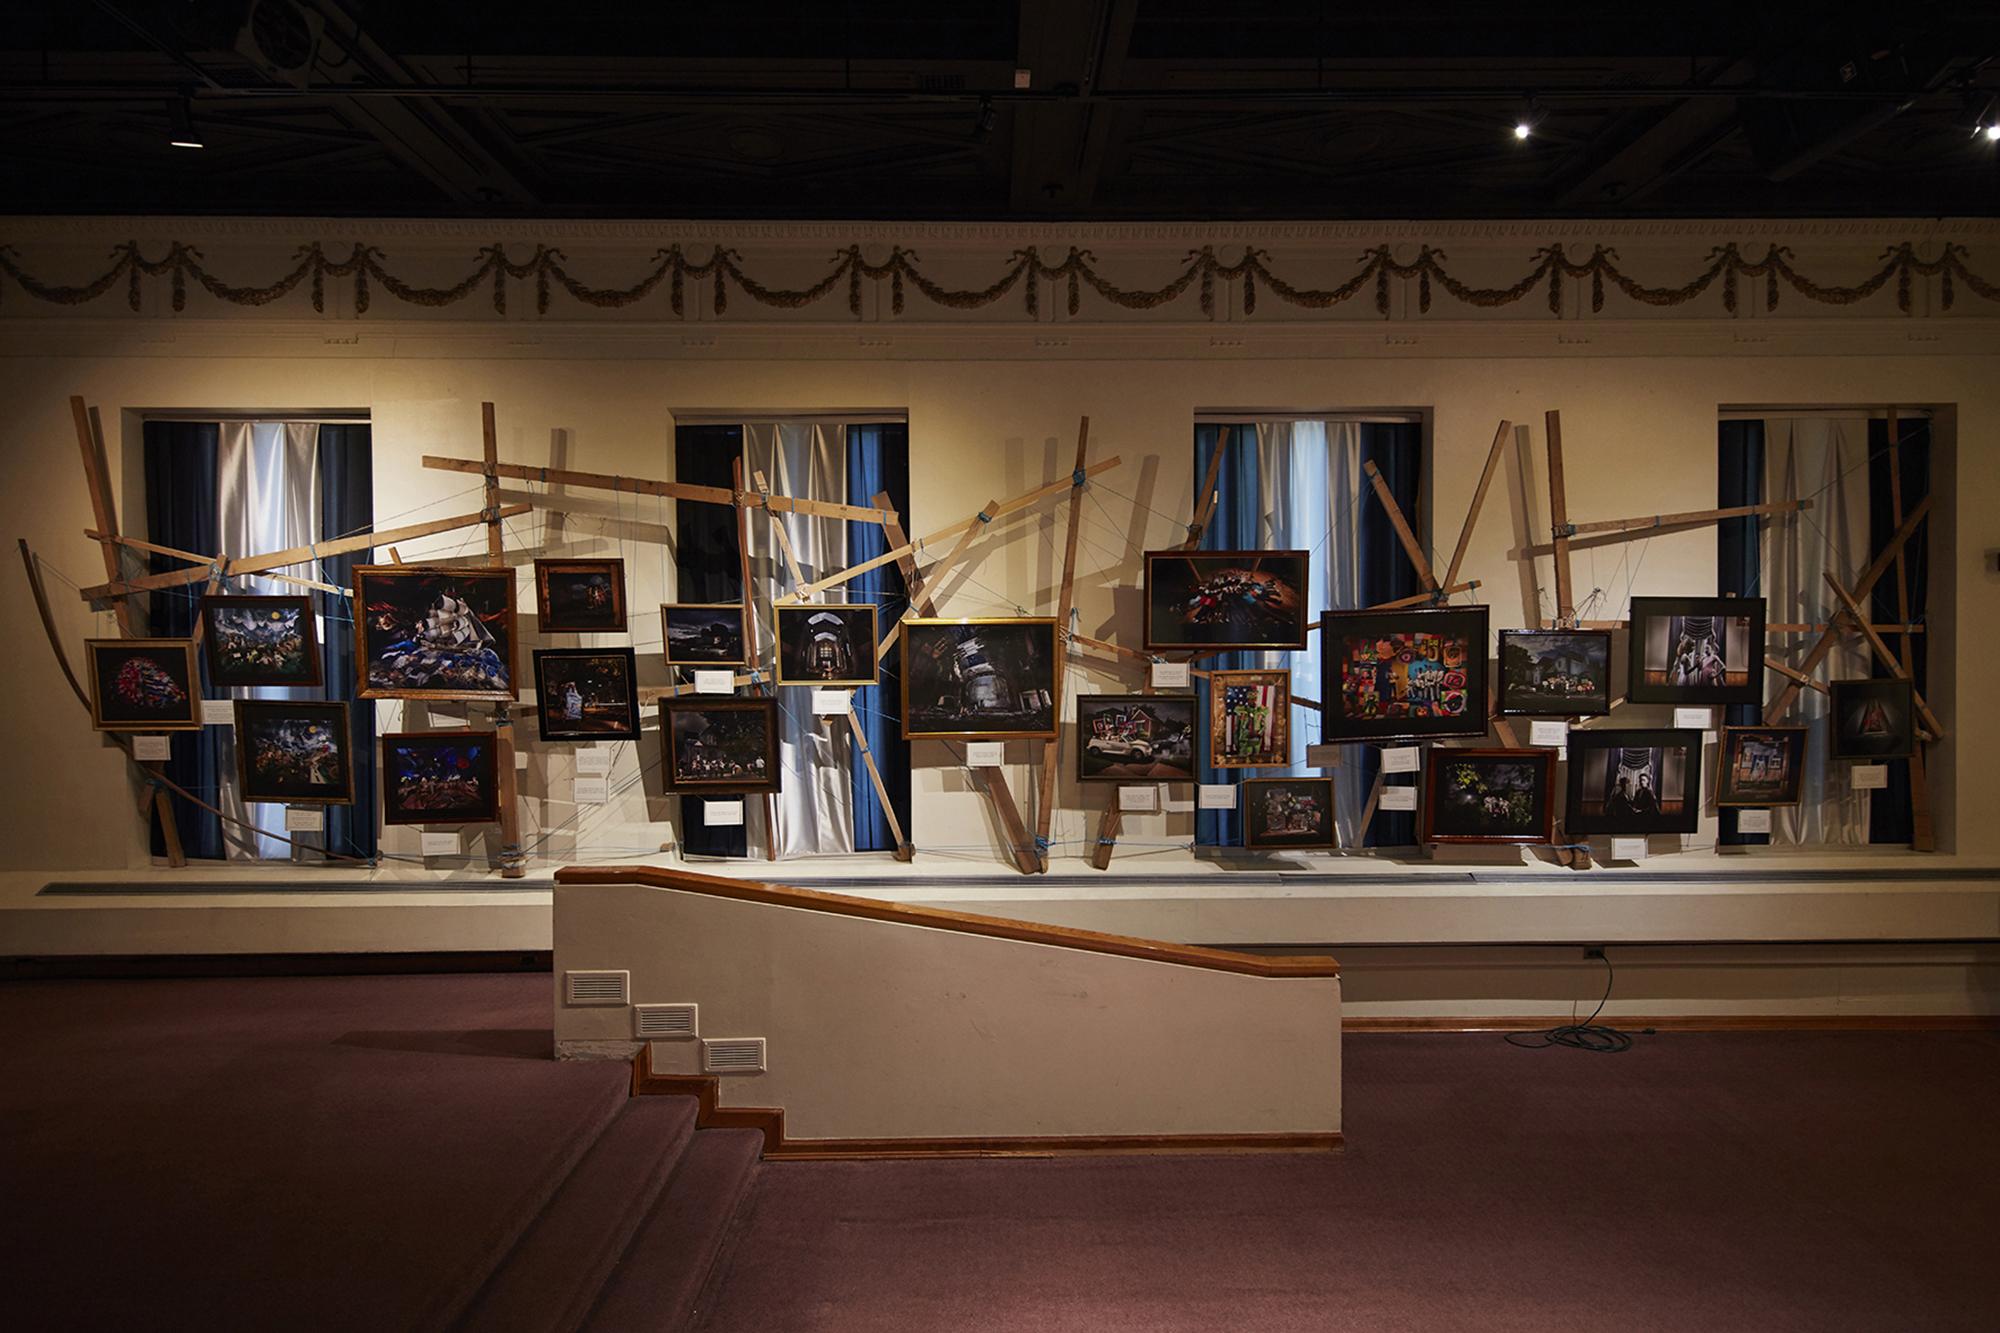 (20)NicolasHenry_DuSableMuseumOfAfricanAmericanHistory1_Chicago.jpg